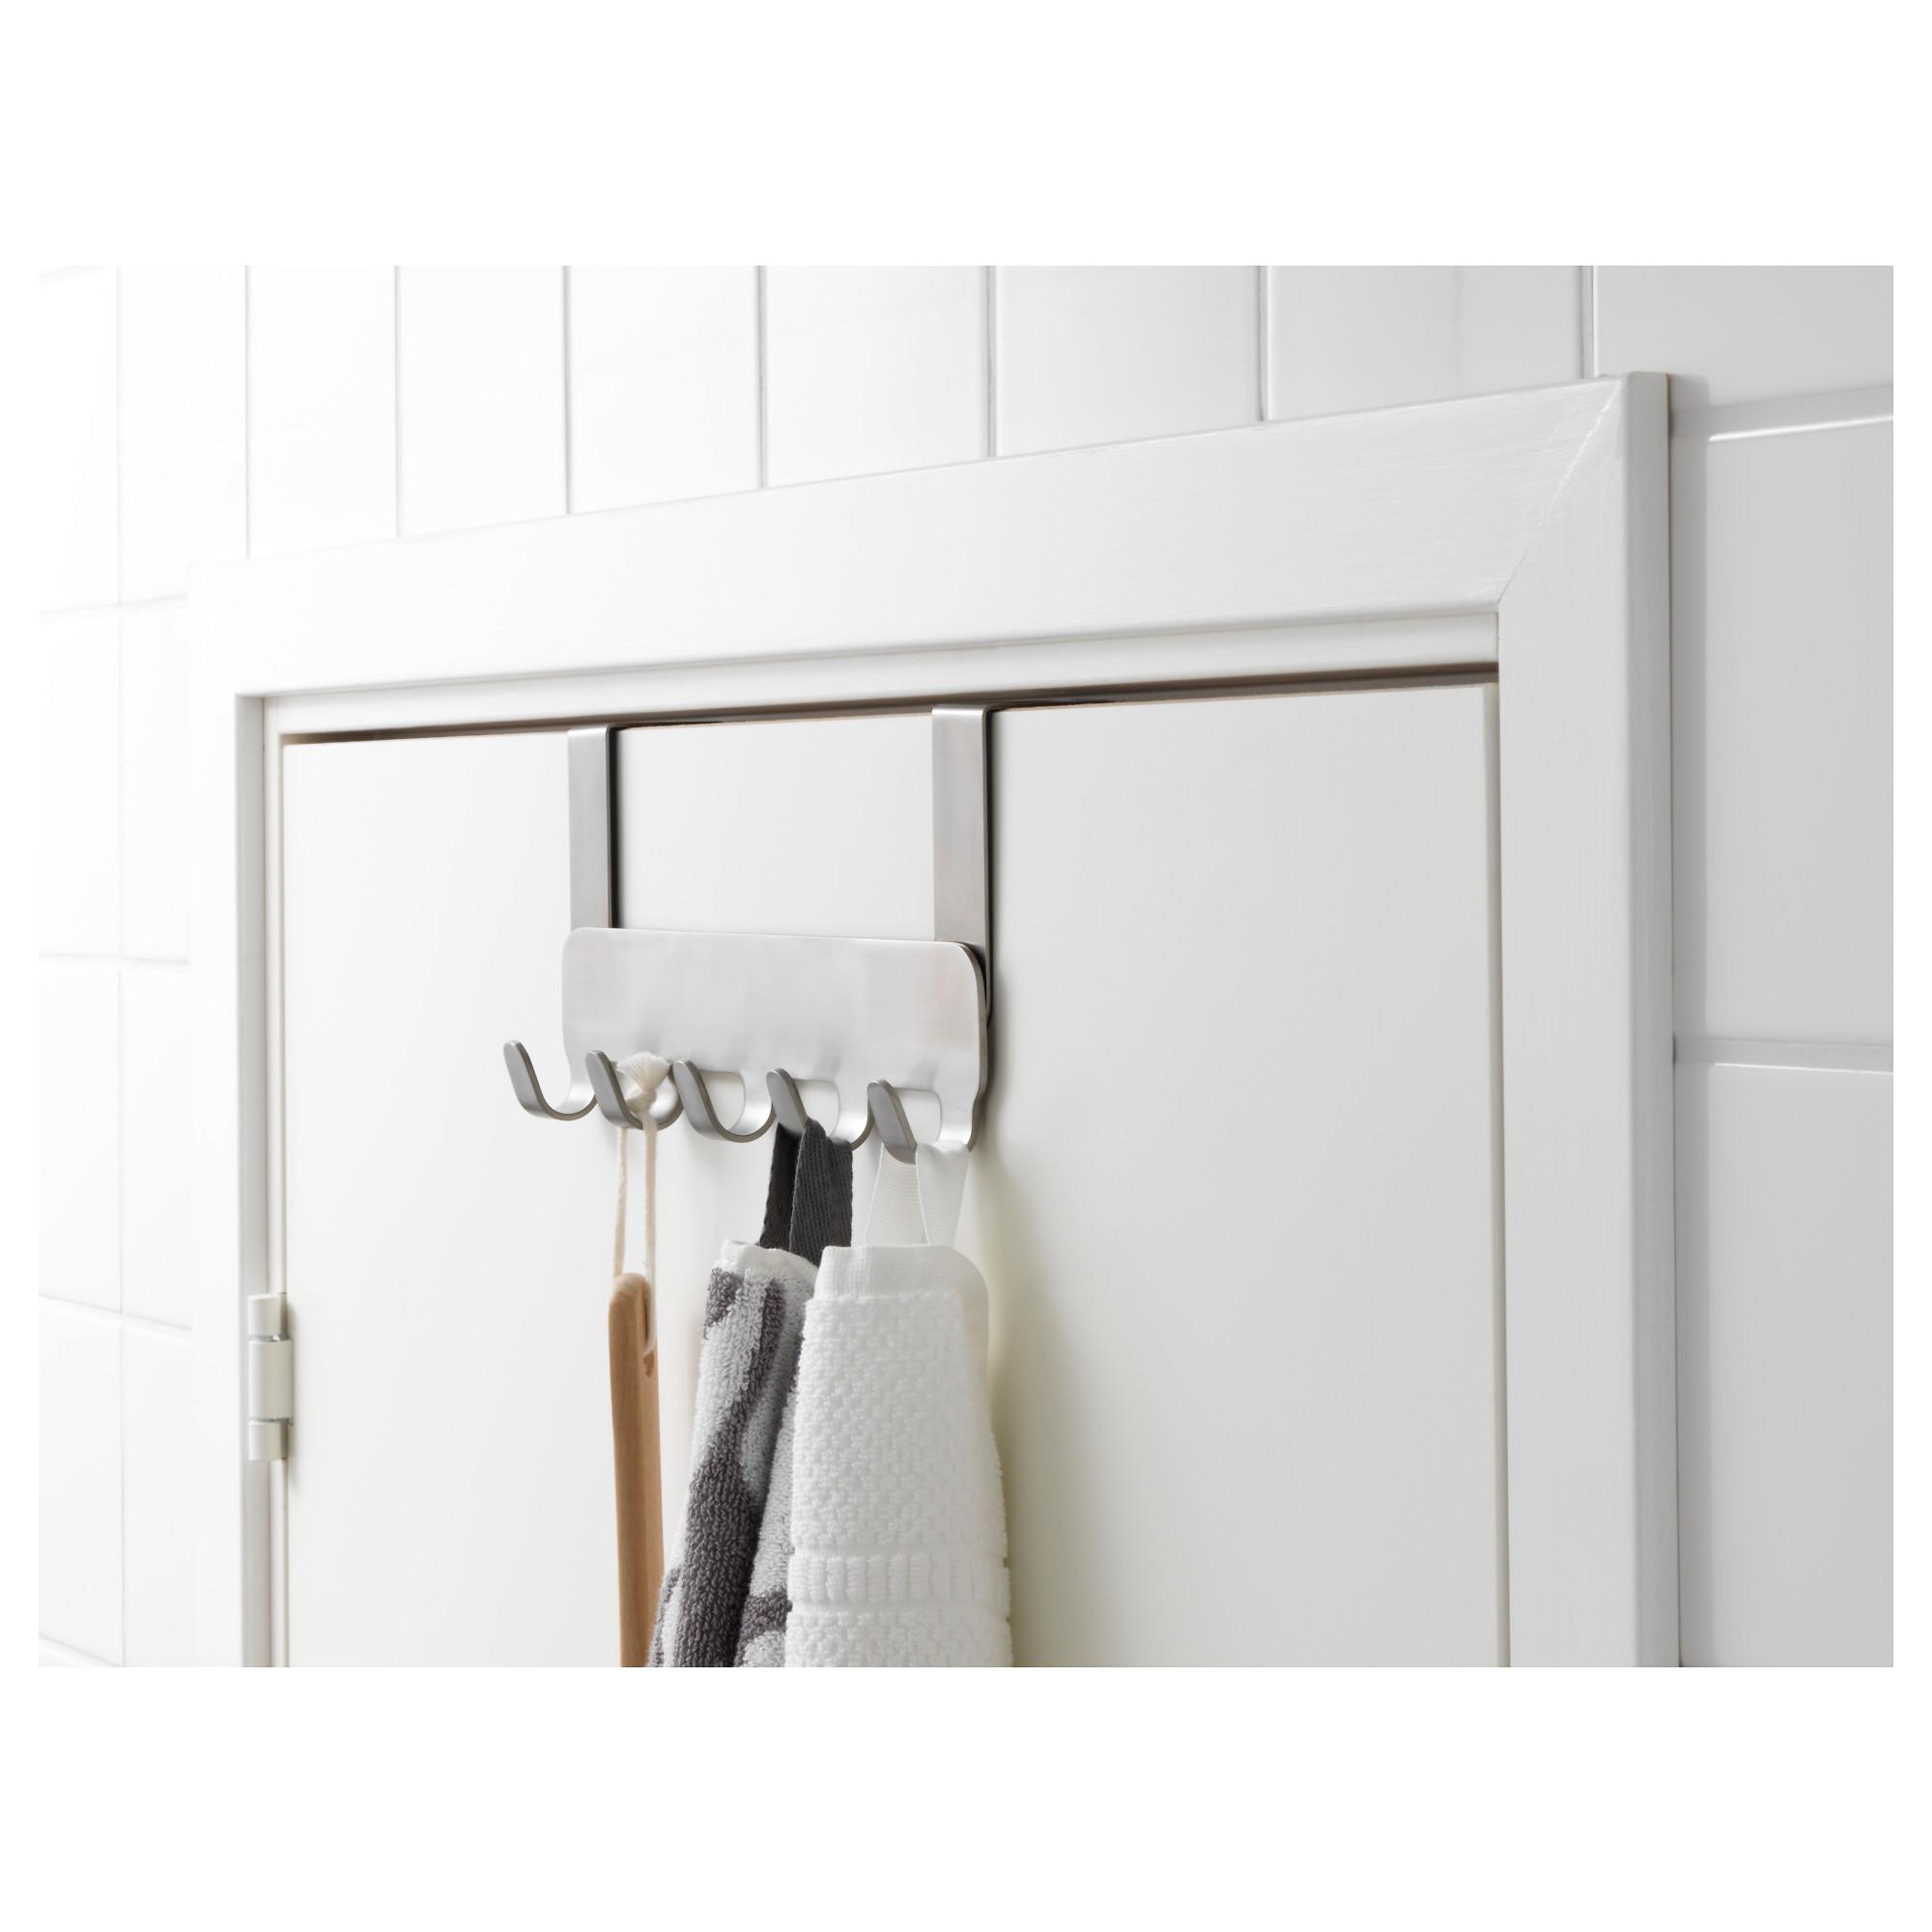 Ikea Brogrund Hanger For Door Stainless Steel Porte Acier Ikea Et Patere De Porte